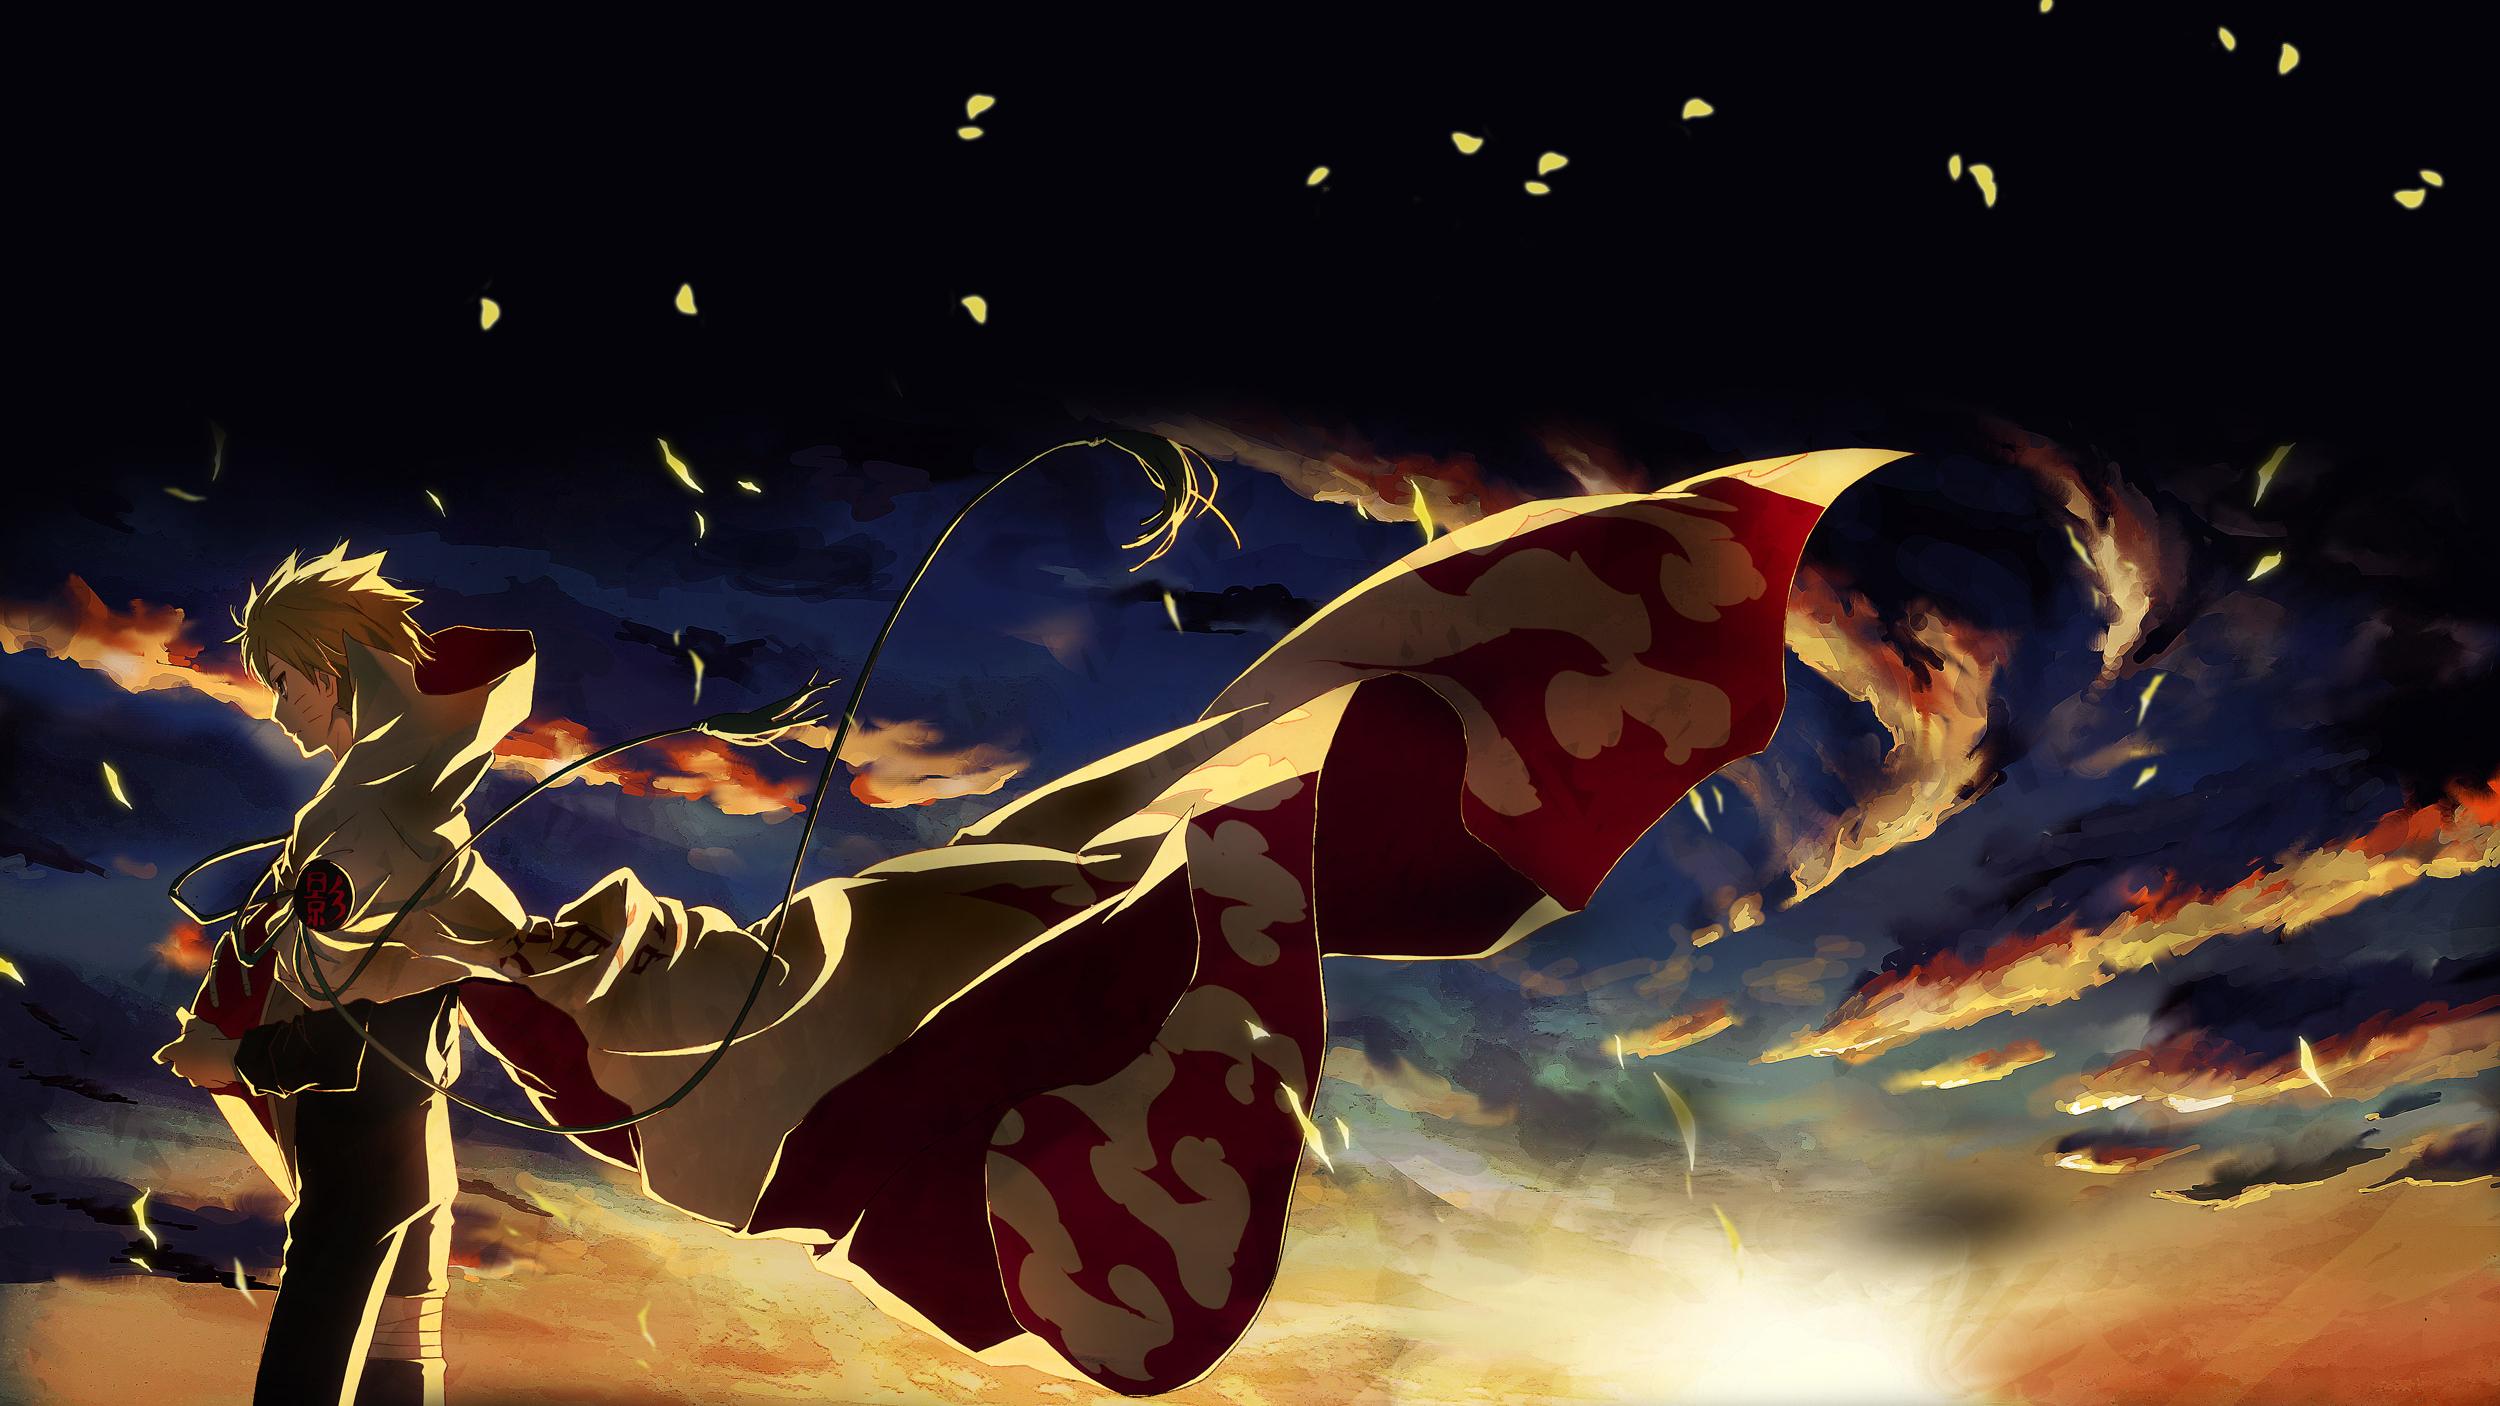 Hình nền Naruto đẳng cấp